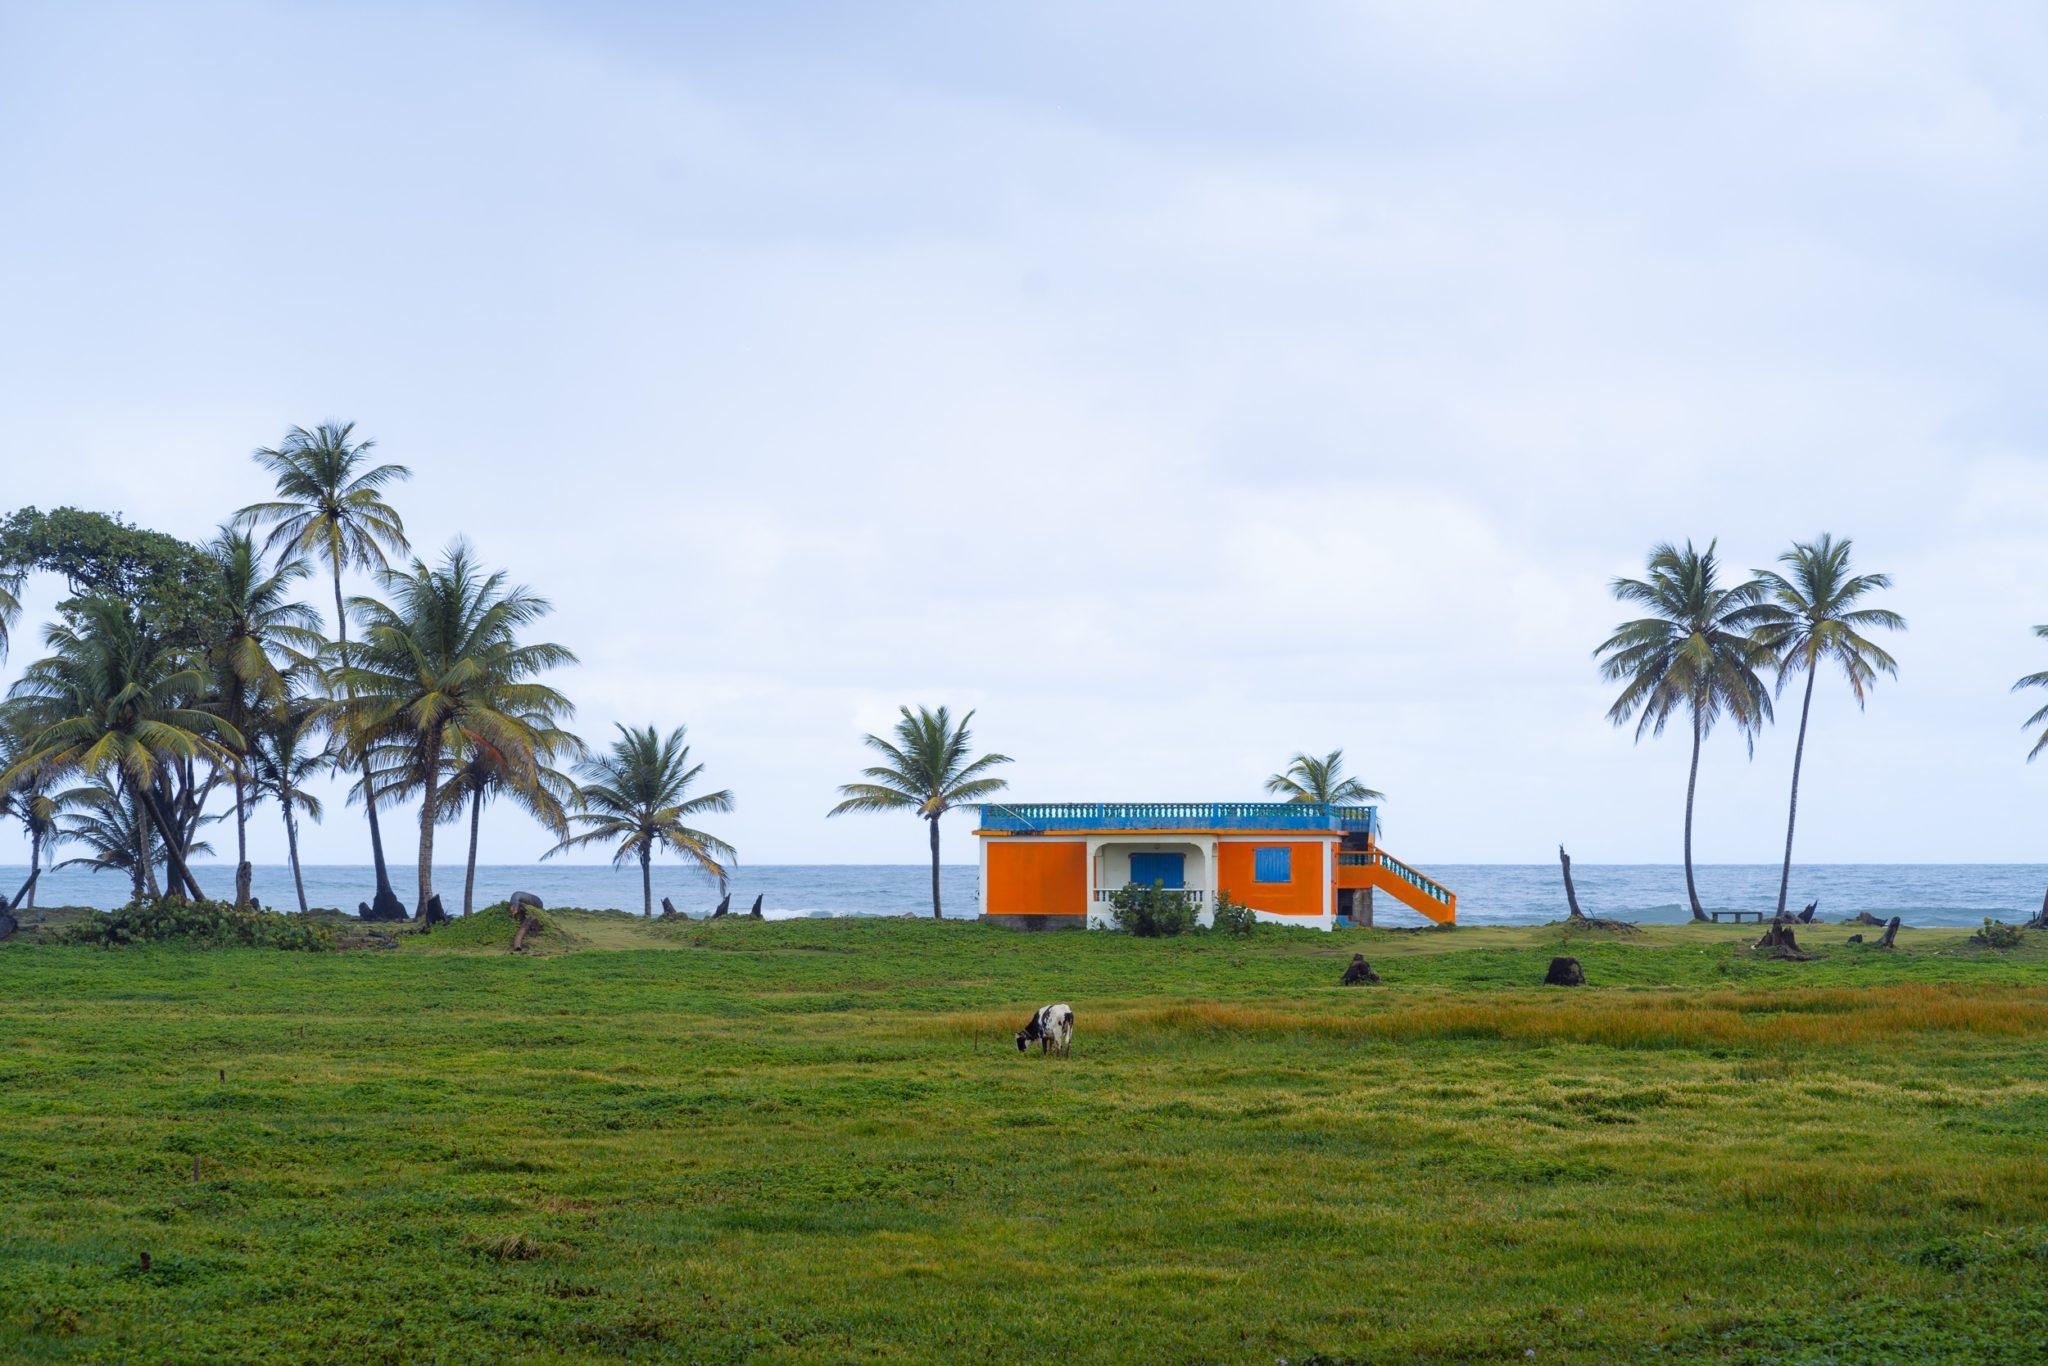 Sur la route près de Douglas Charles Airport, Dominique